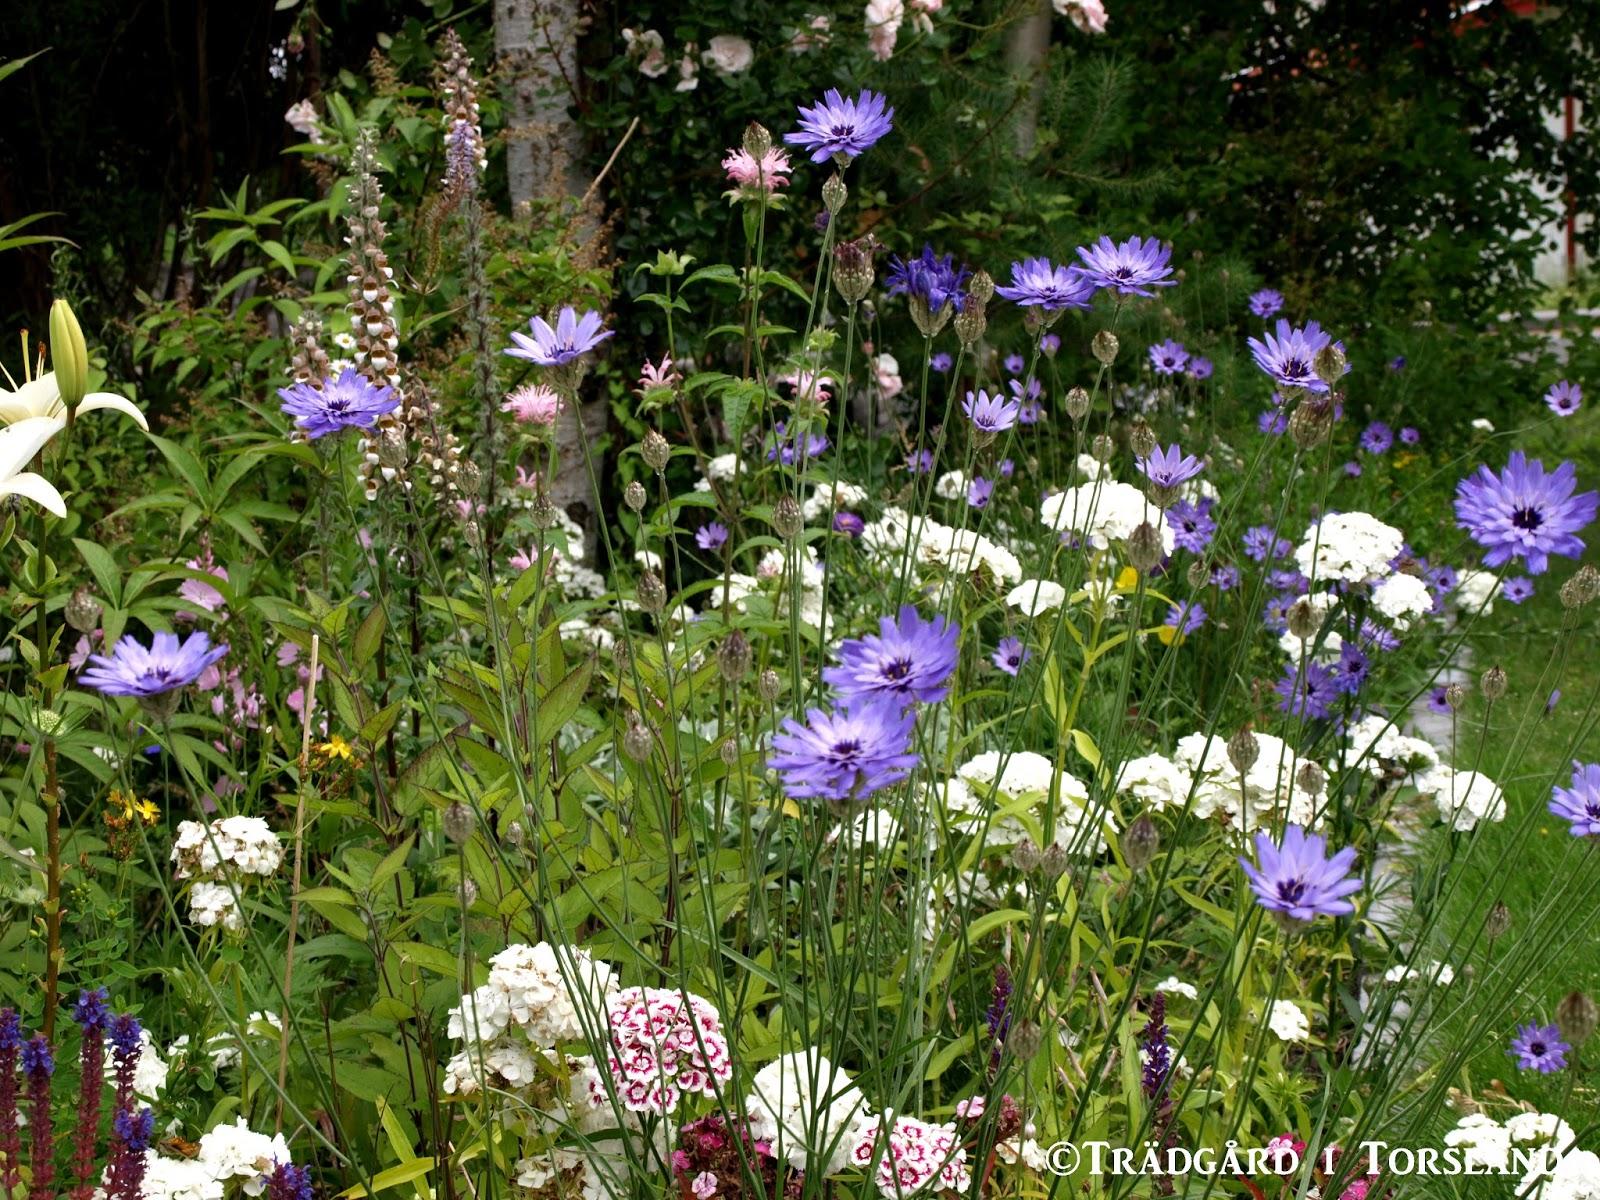 Trädgård i torslanda: trädgårdens delar #2; långa perennarabatten